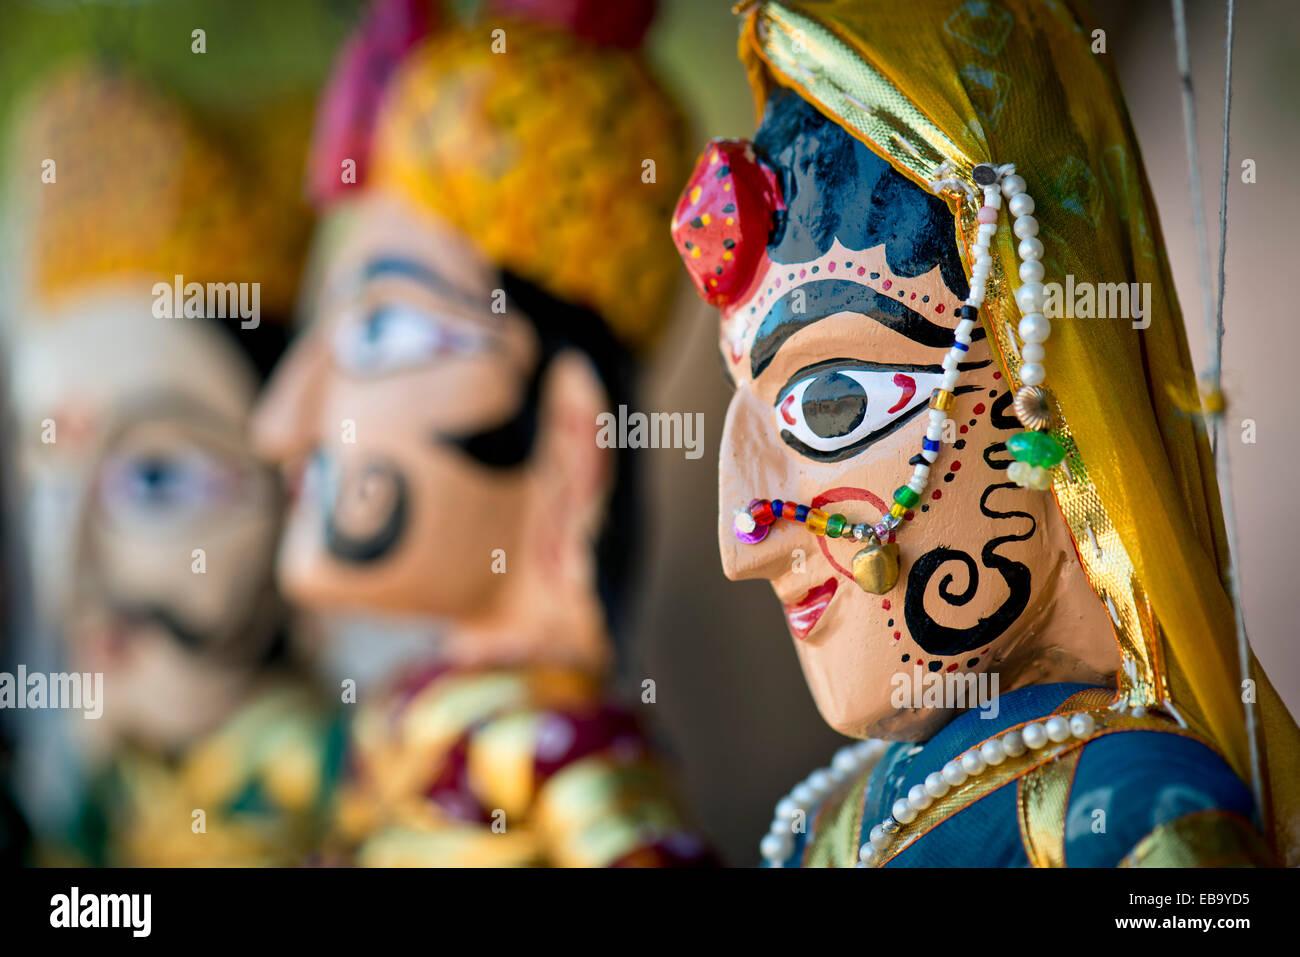 Marionette, artigianato tradizionale, Jodhpur, Rajasthan, India Immagini Stock